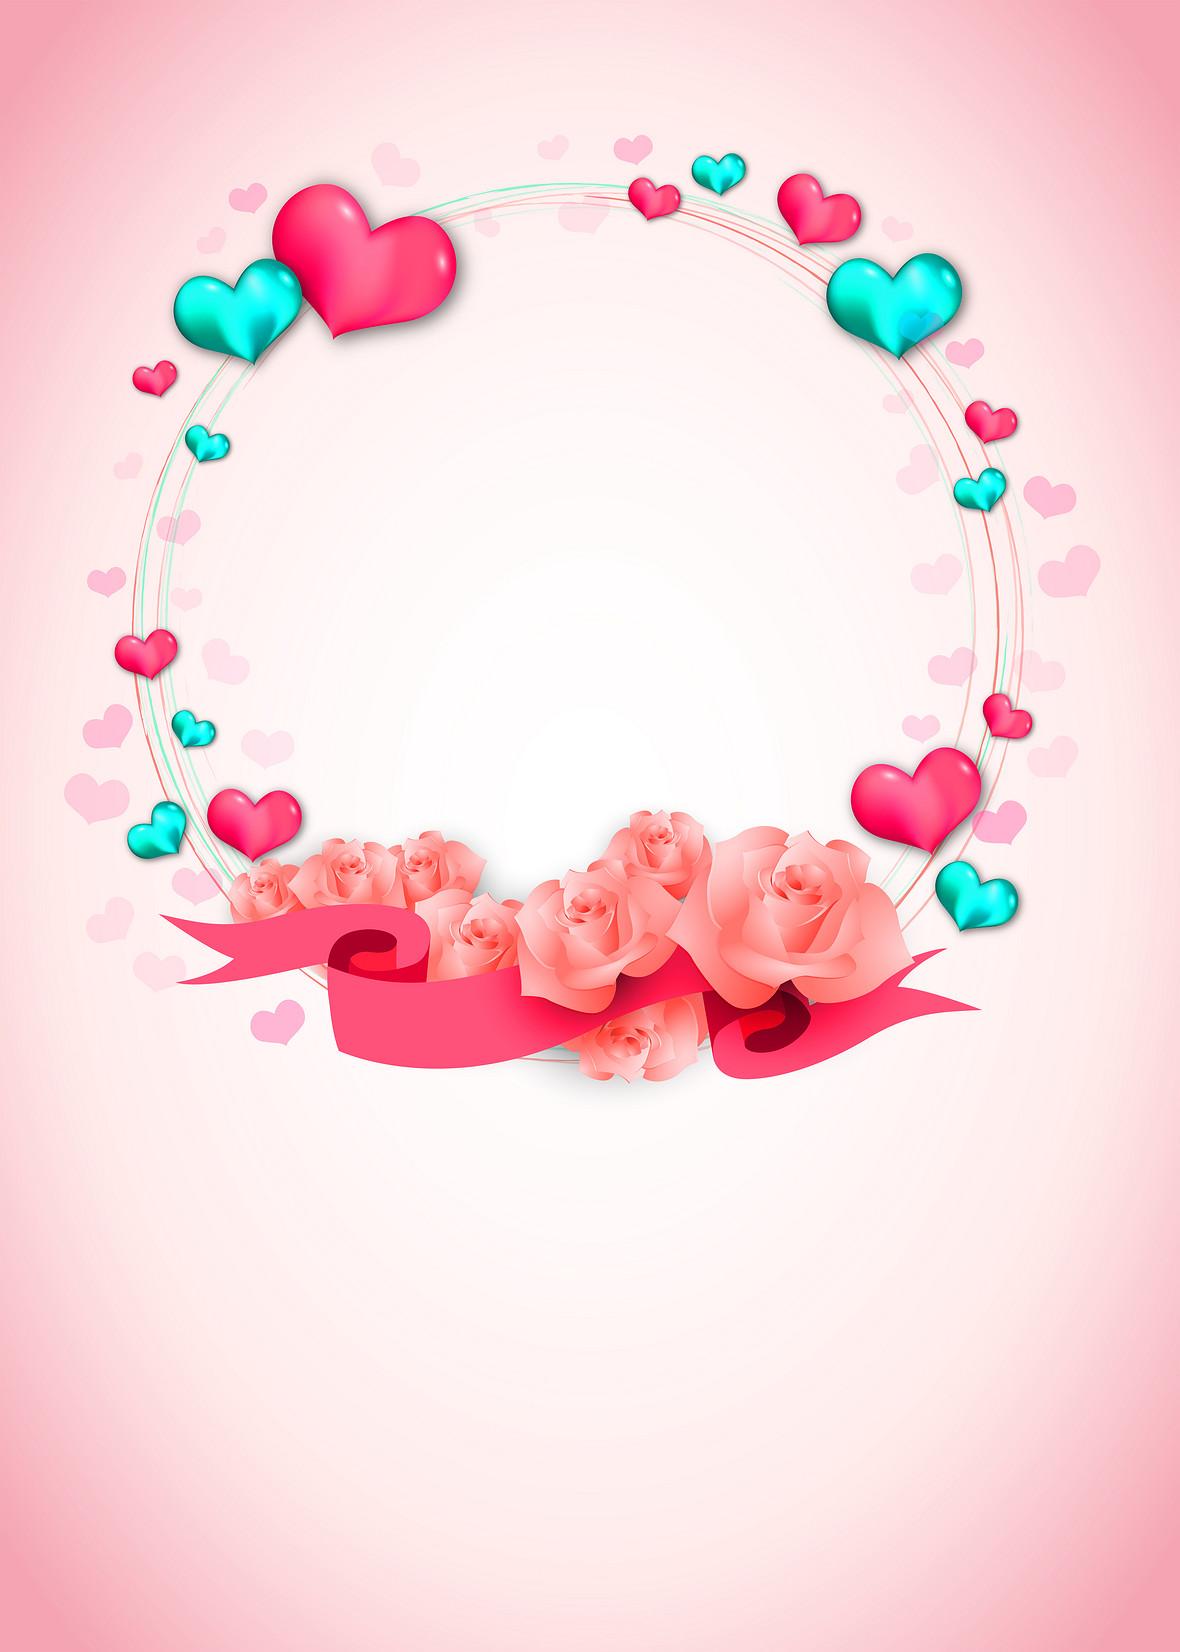 粉色手捧爱心传递爱心海报背景素材